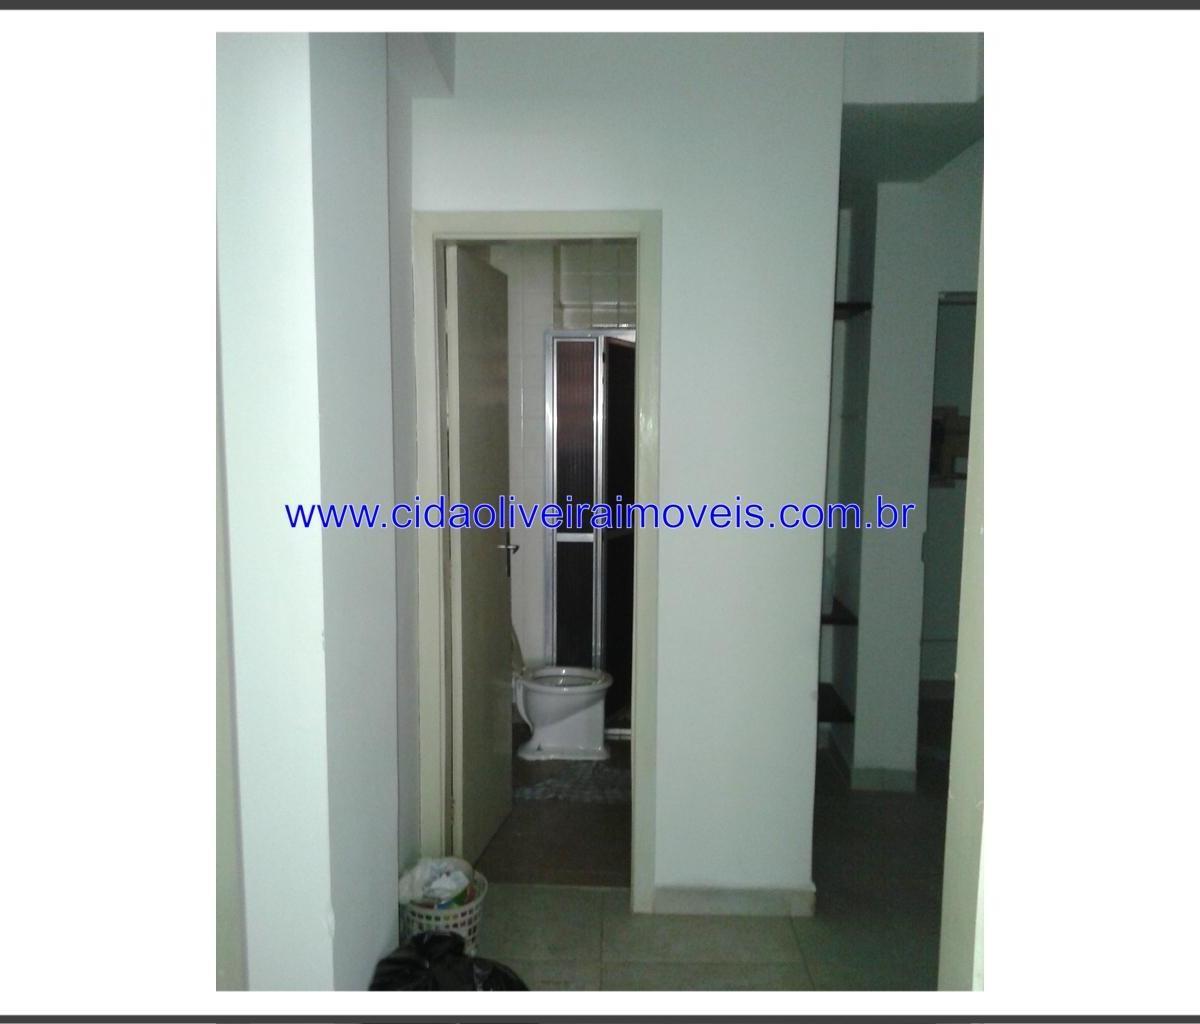 Comercial à venda com 0 Consolação São Paulo R$ 90.000 35 m2  #3E428D 1200x1024 Armario Banheiro Embutido